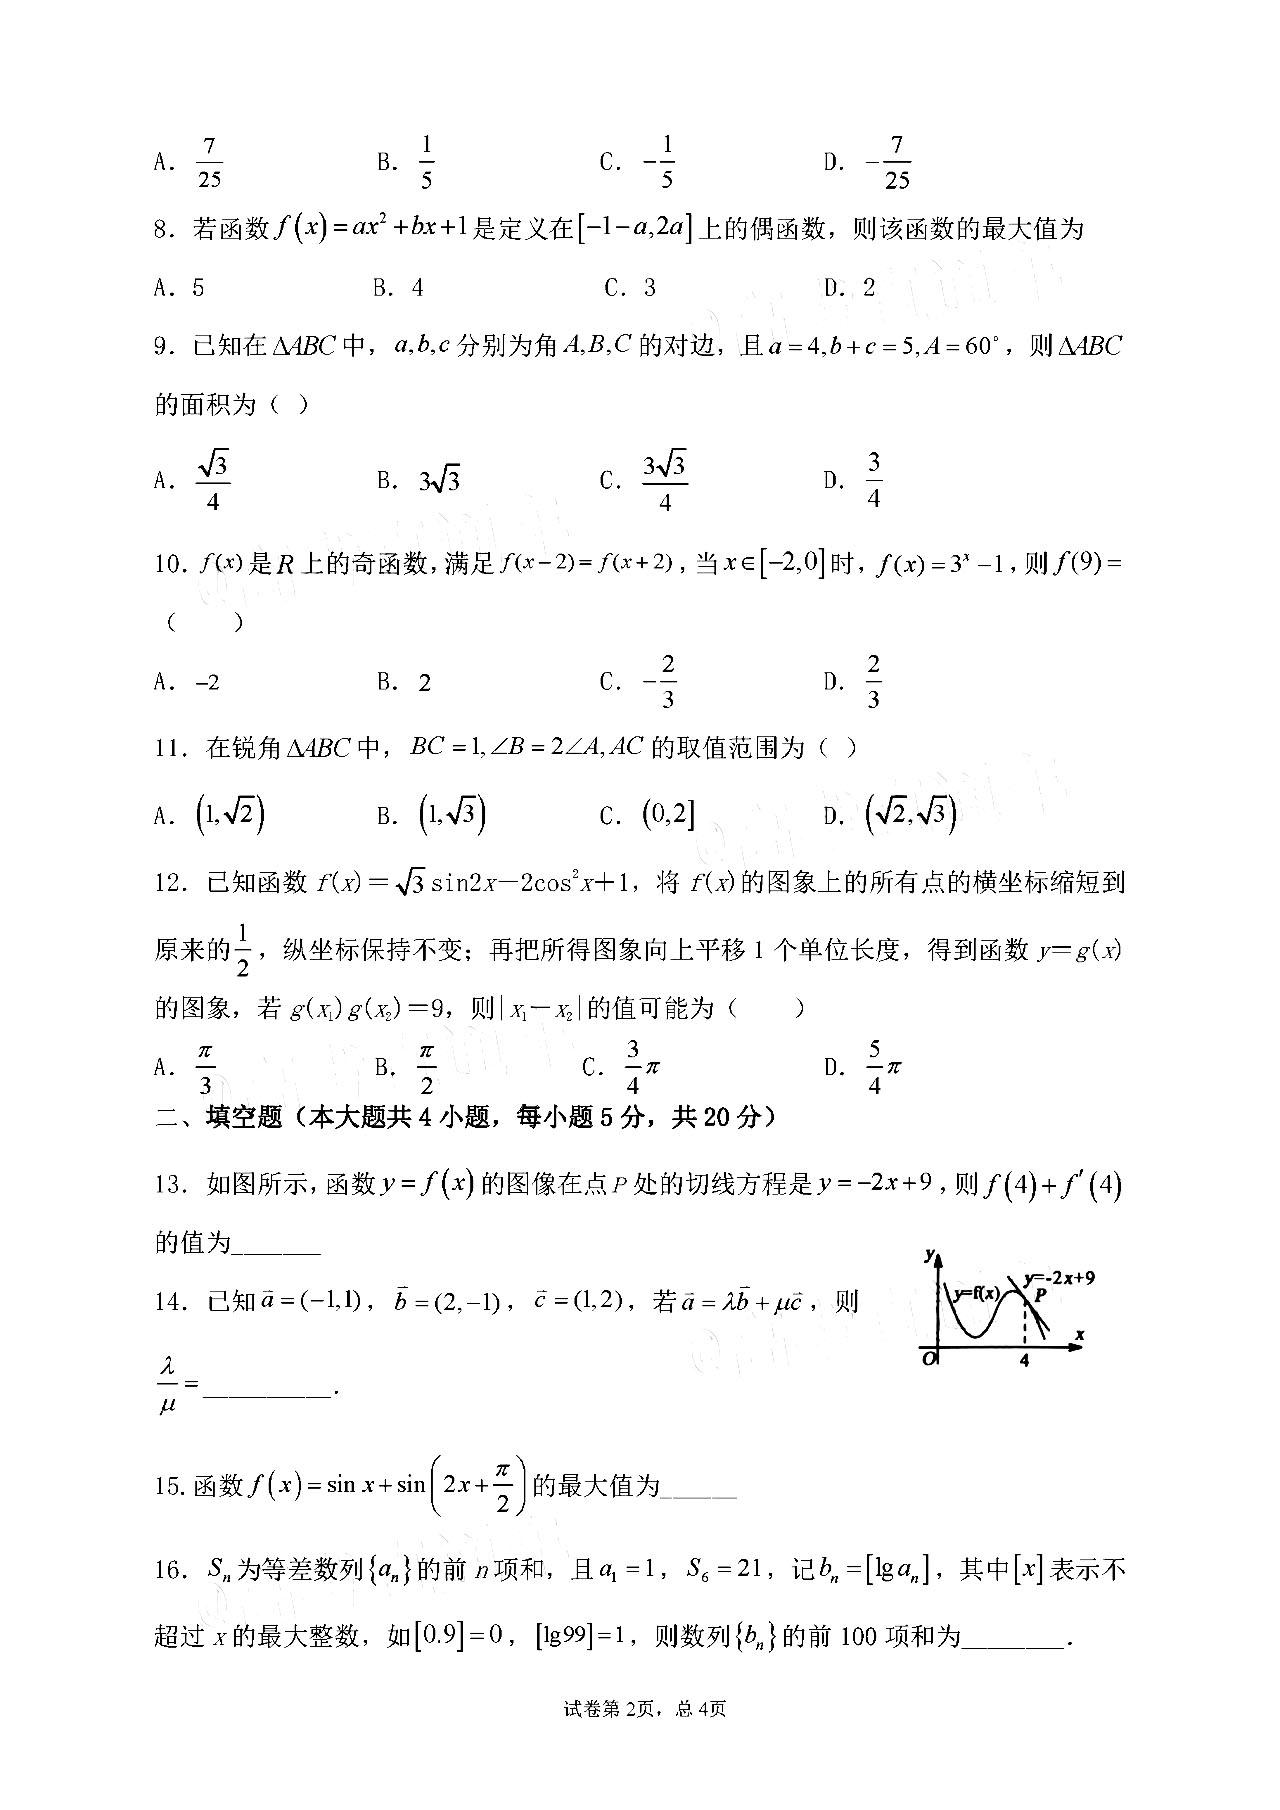 2021宁夏银川第二中学高三上统联二数学文试卷答案解析图2